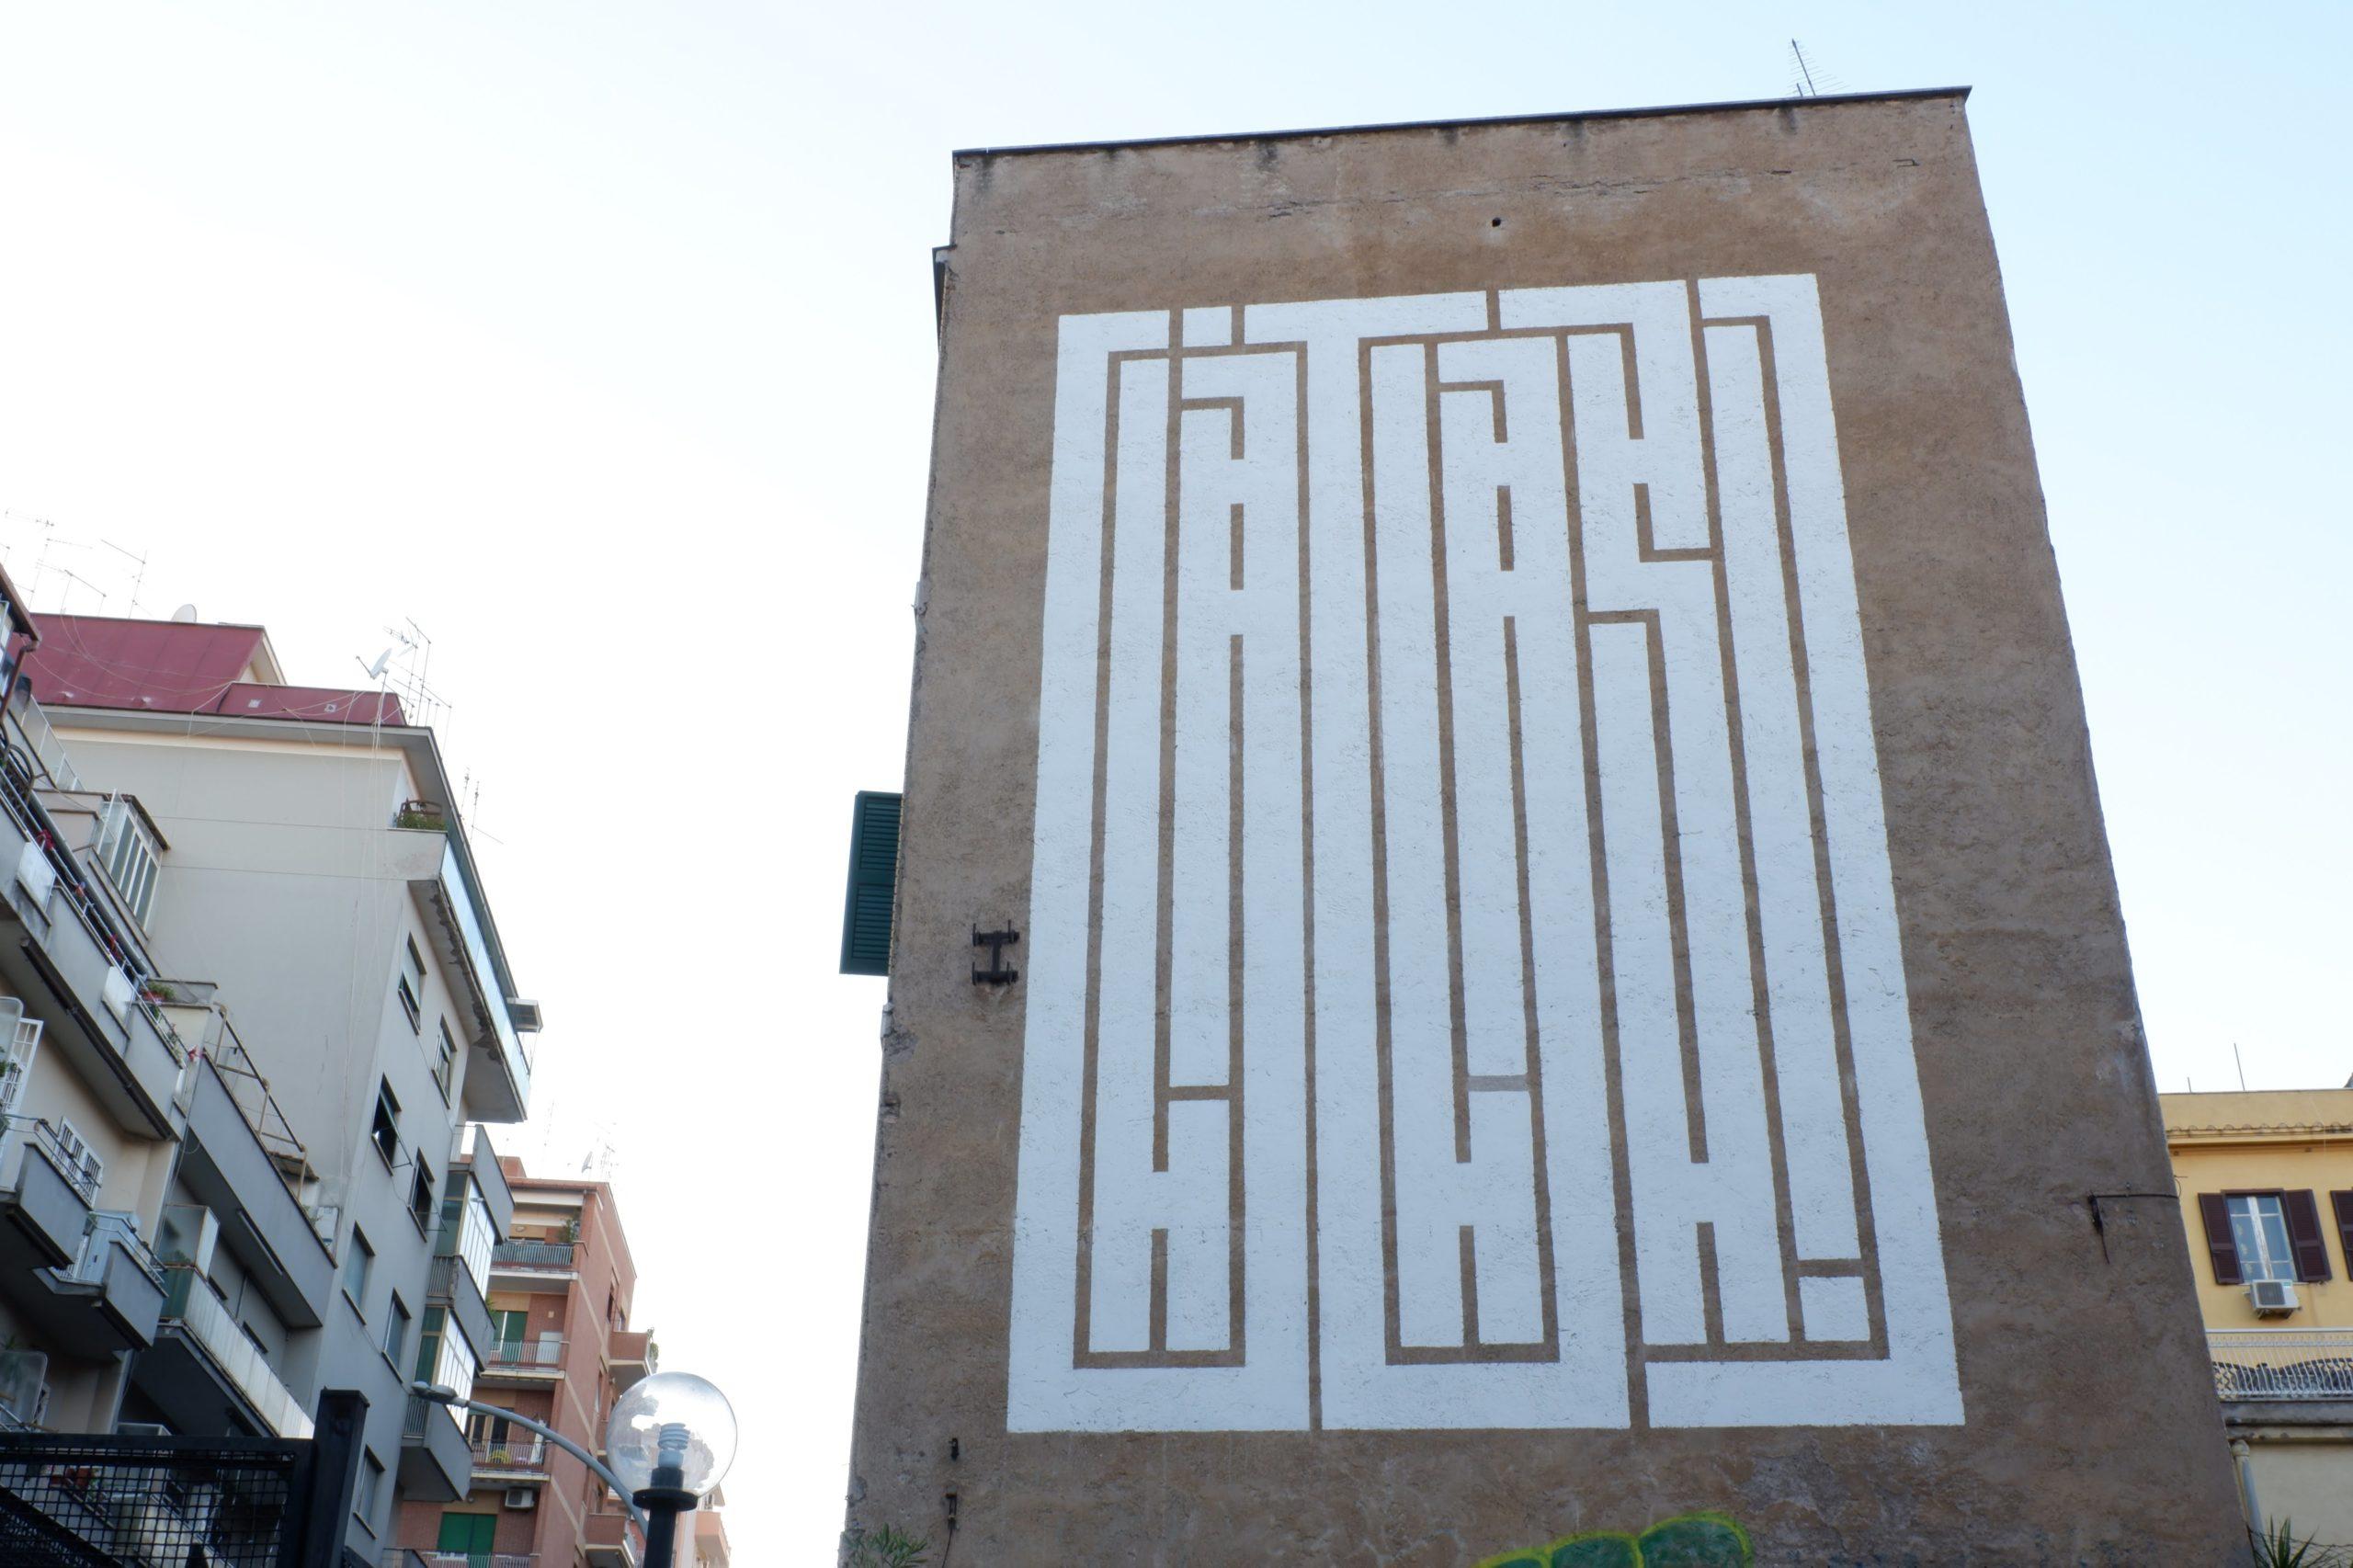 atlas murales tor pignattara roma